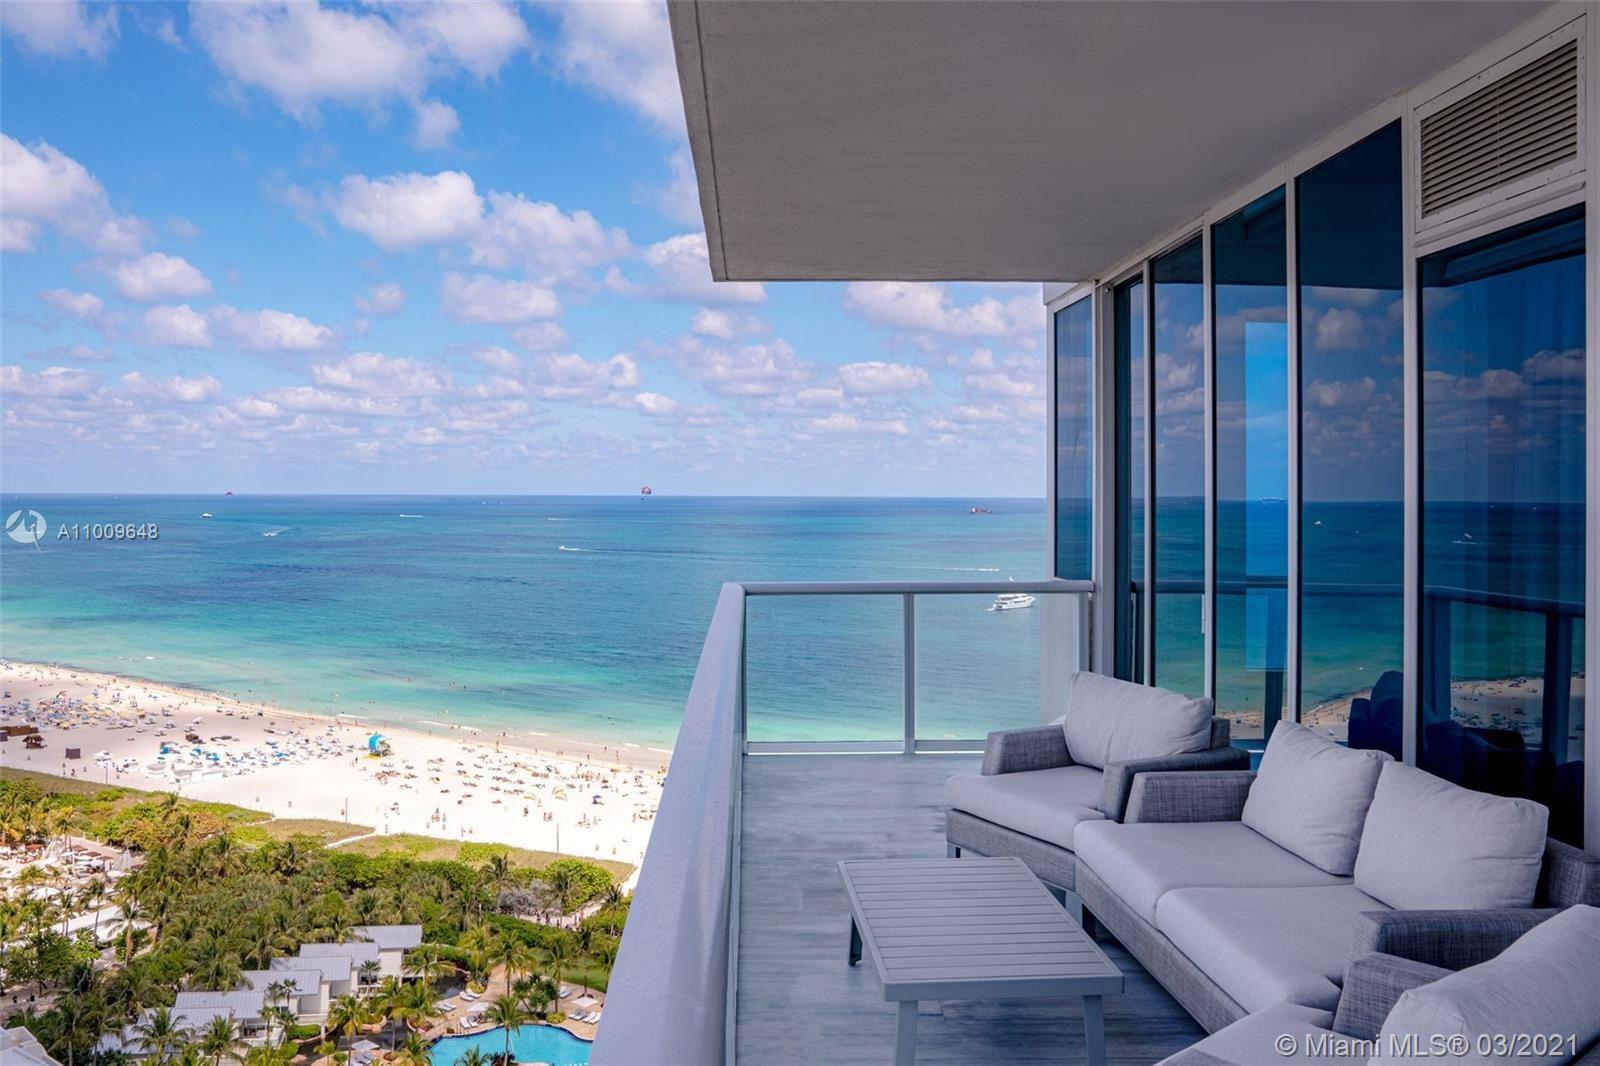 100 S Pointe Dr #2110, Miami Beach, FL 33139 - #: A11009648